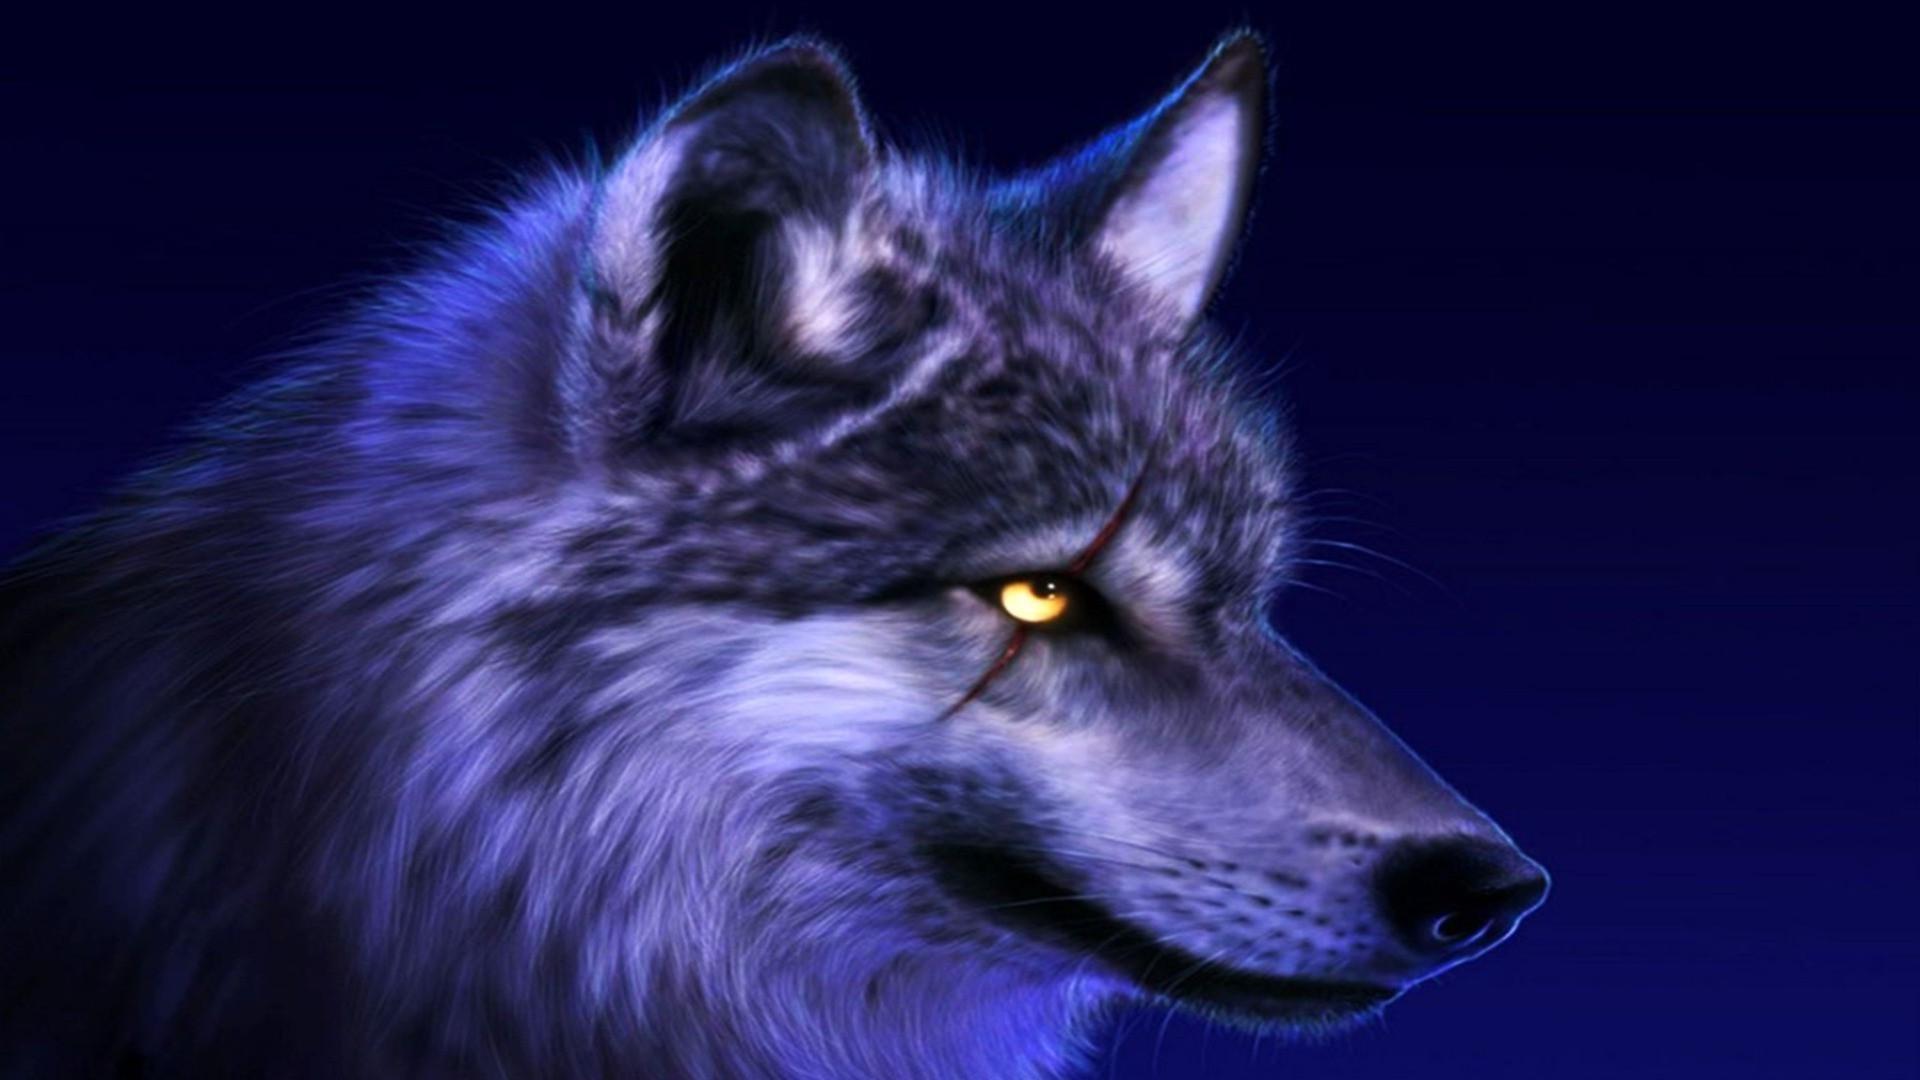 спектакль пермский классные картинки волков на аву мужей походы